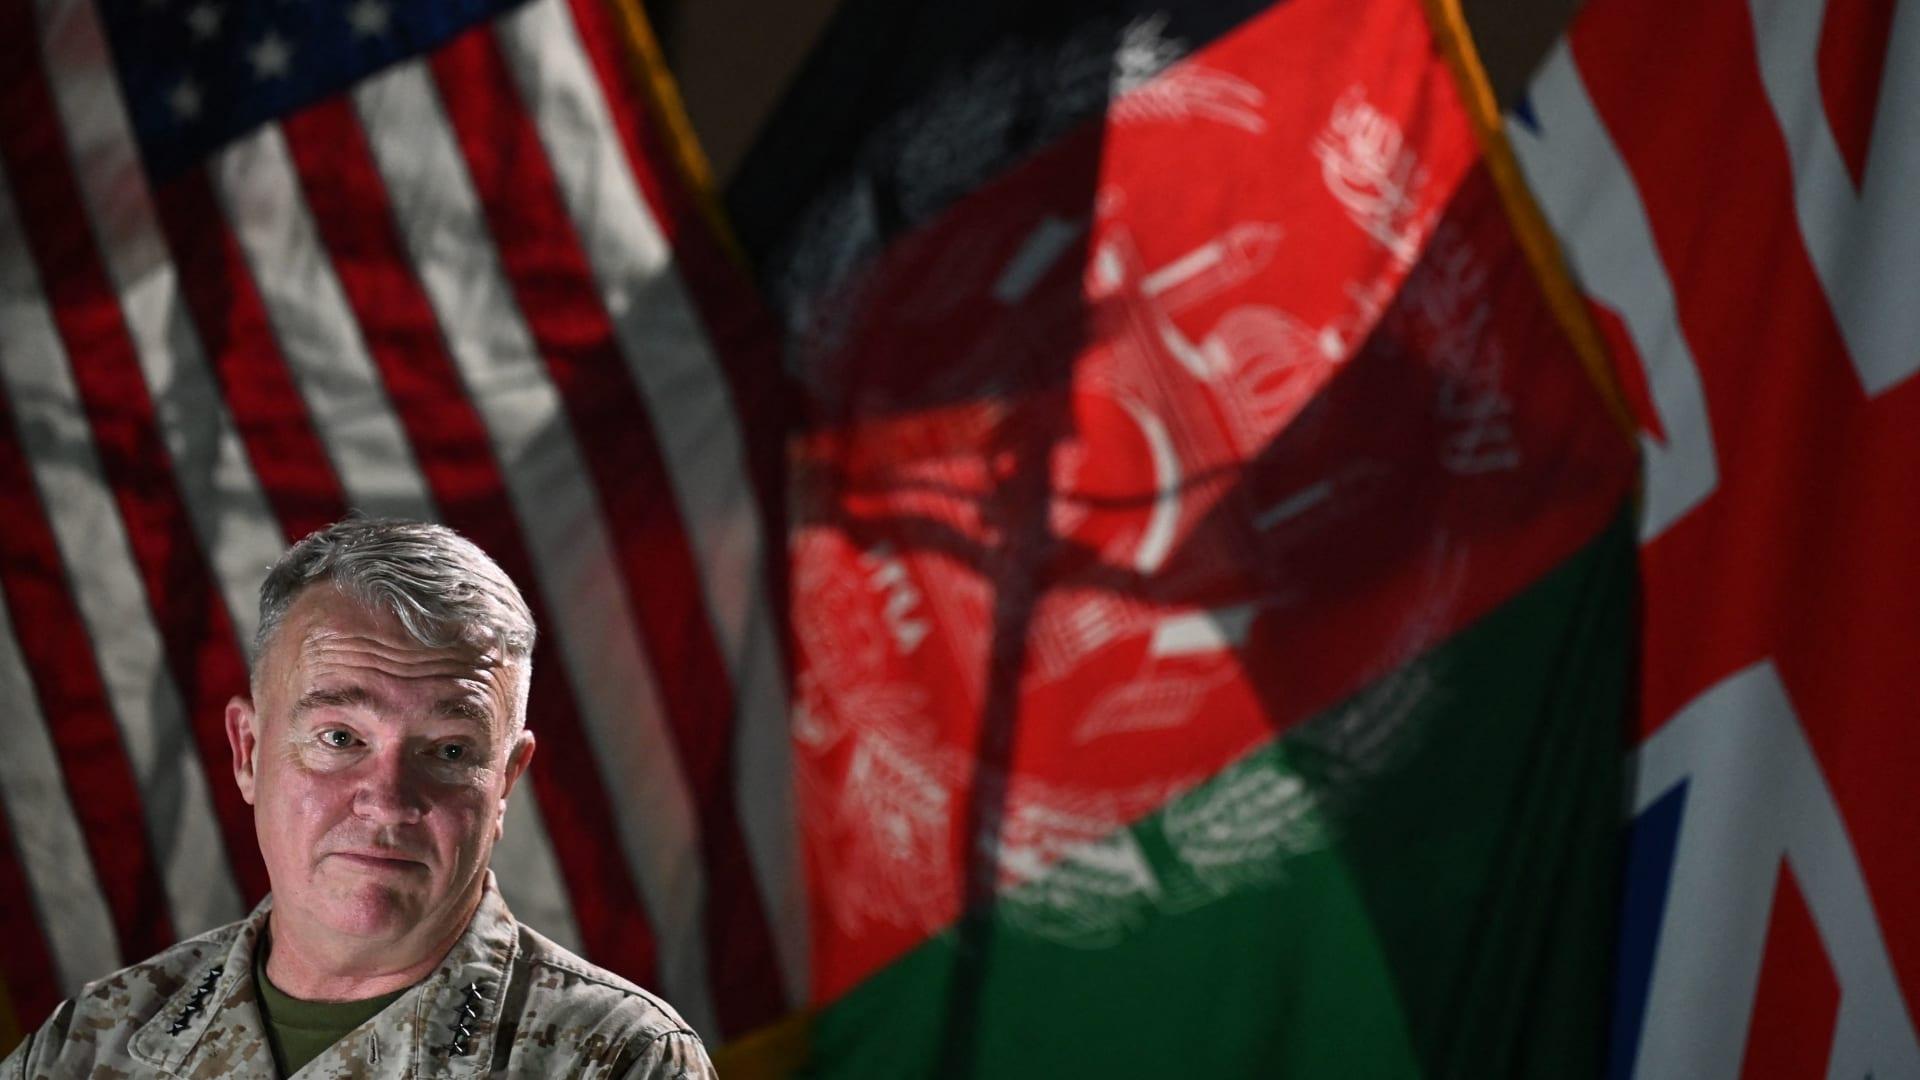 """البنتاغون تزعم ضرب """"هدف مشروع"""" في آخر غارة بأفغانستان .. ما الذي كشفه تحقيق CNN؟"""